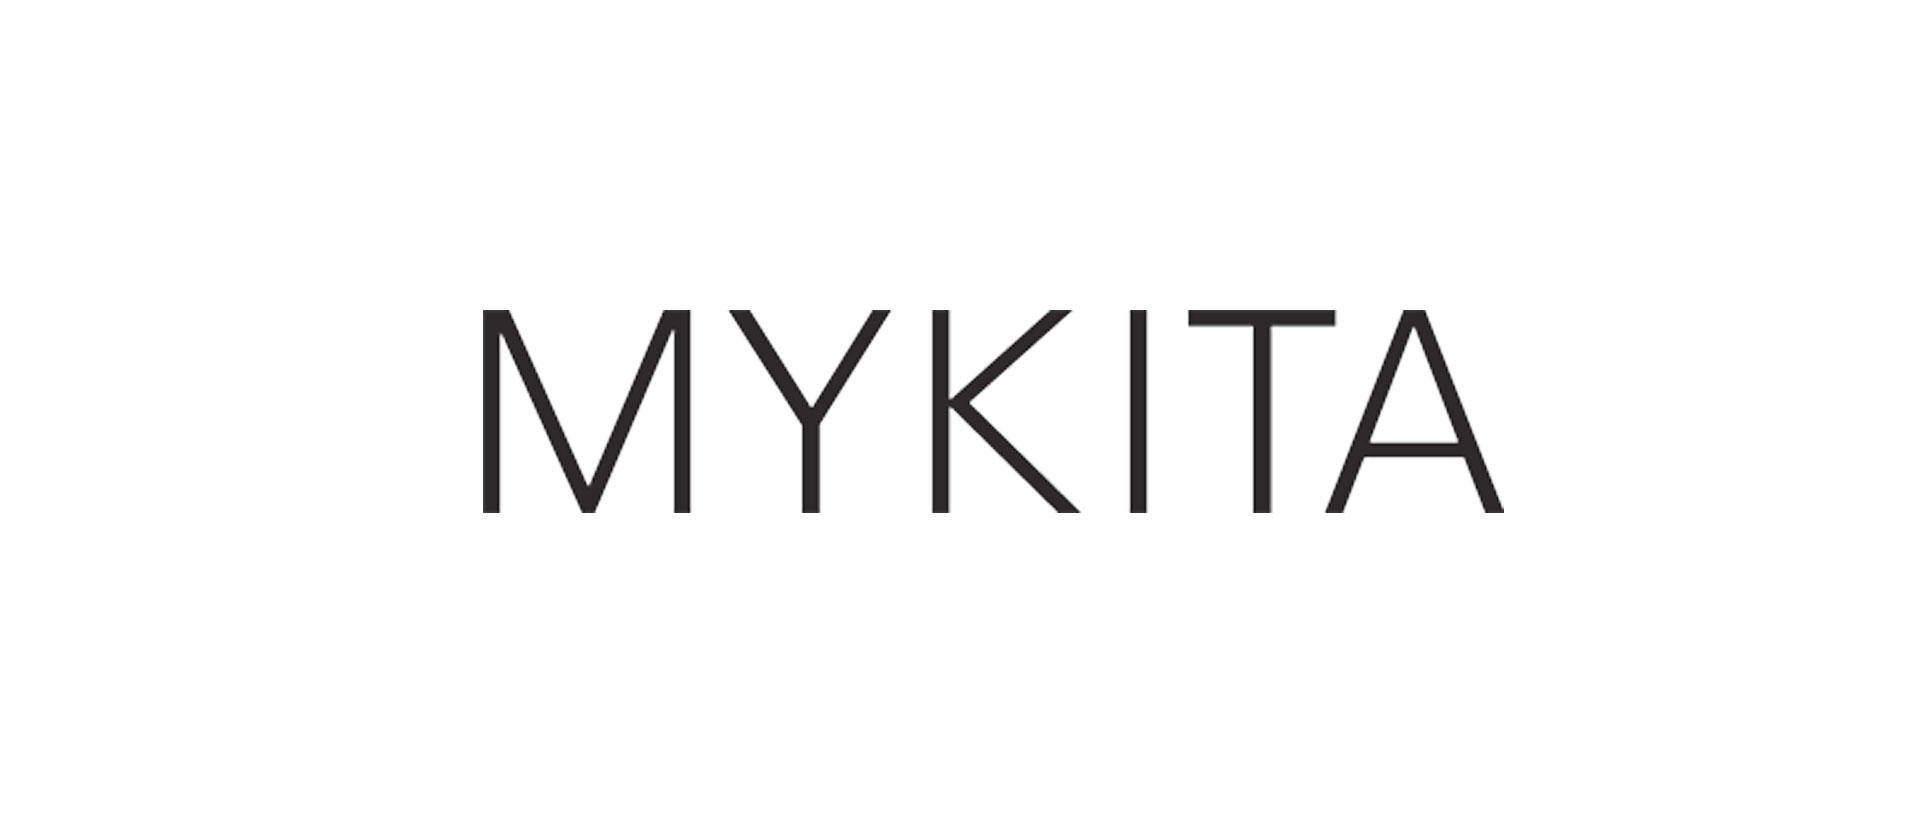 MYKITA-3